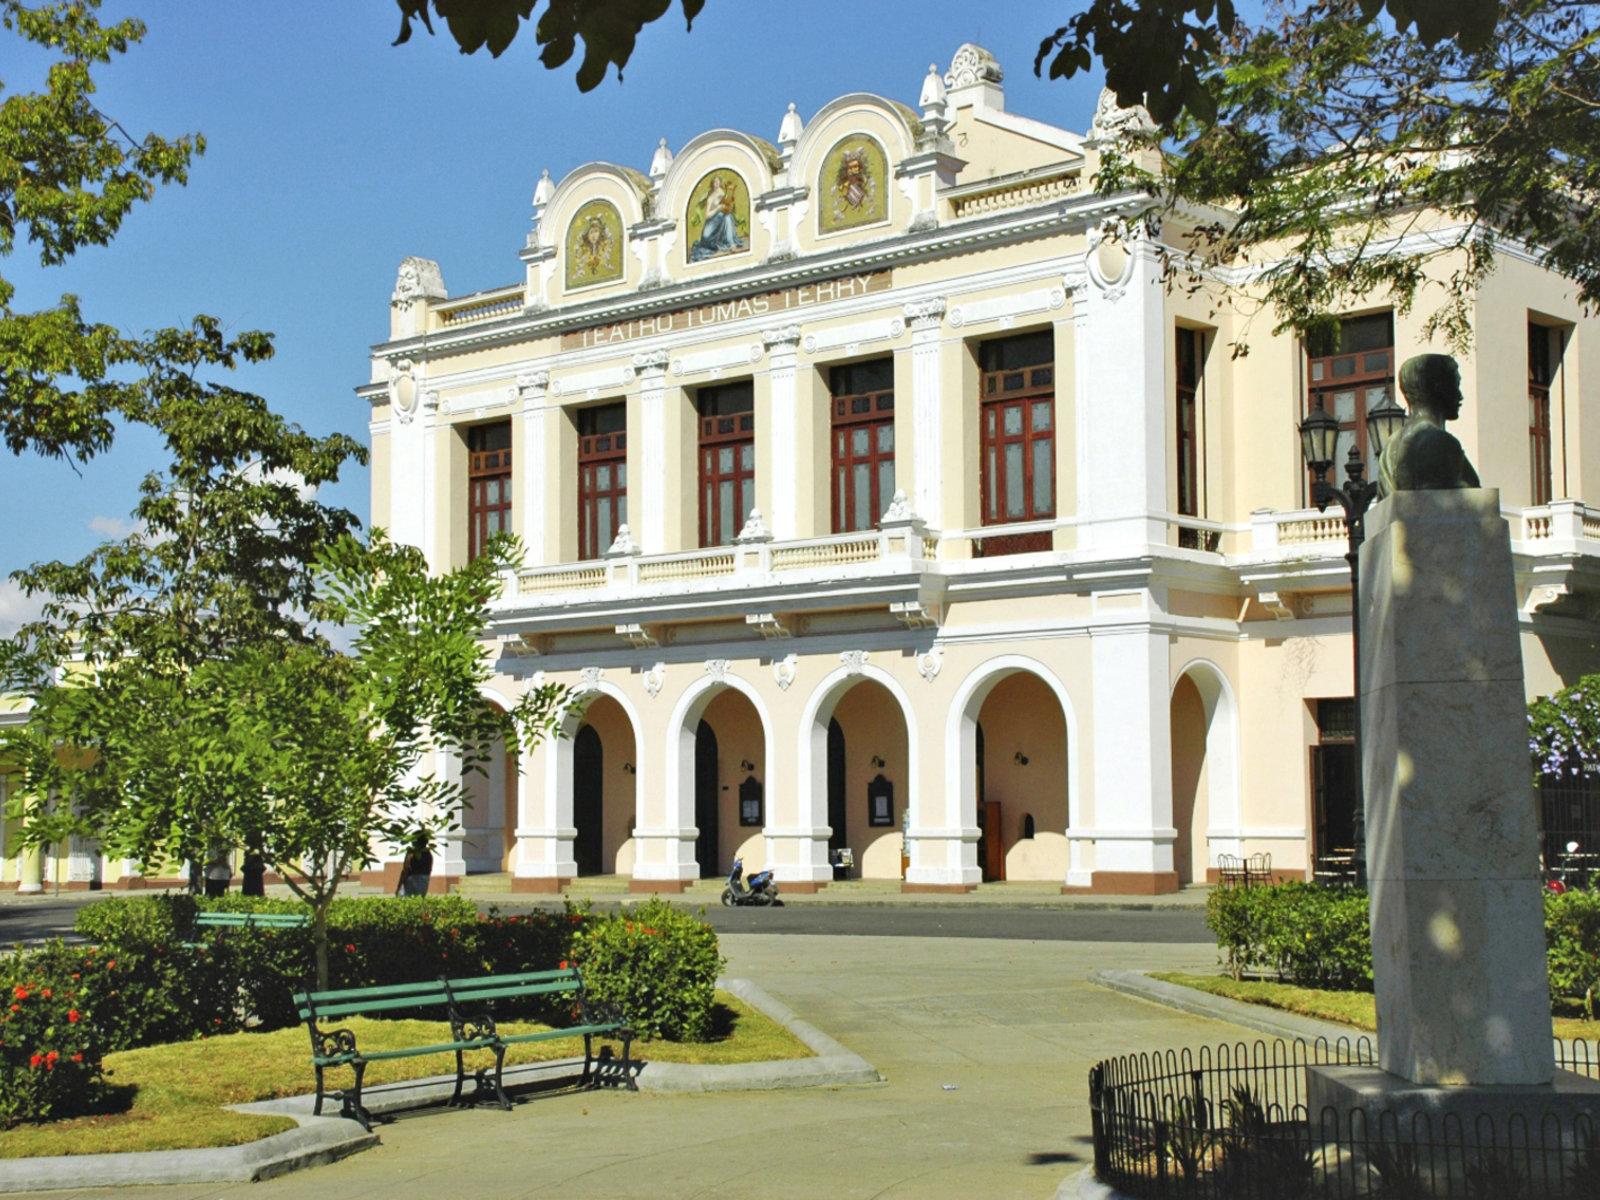 Teatro Tomás Terry in Cienfuegos © NexusTours